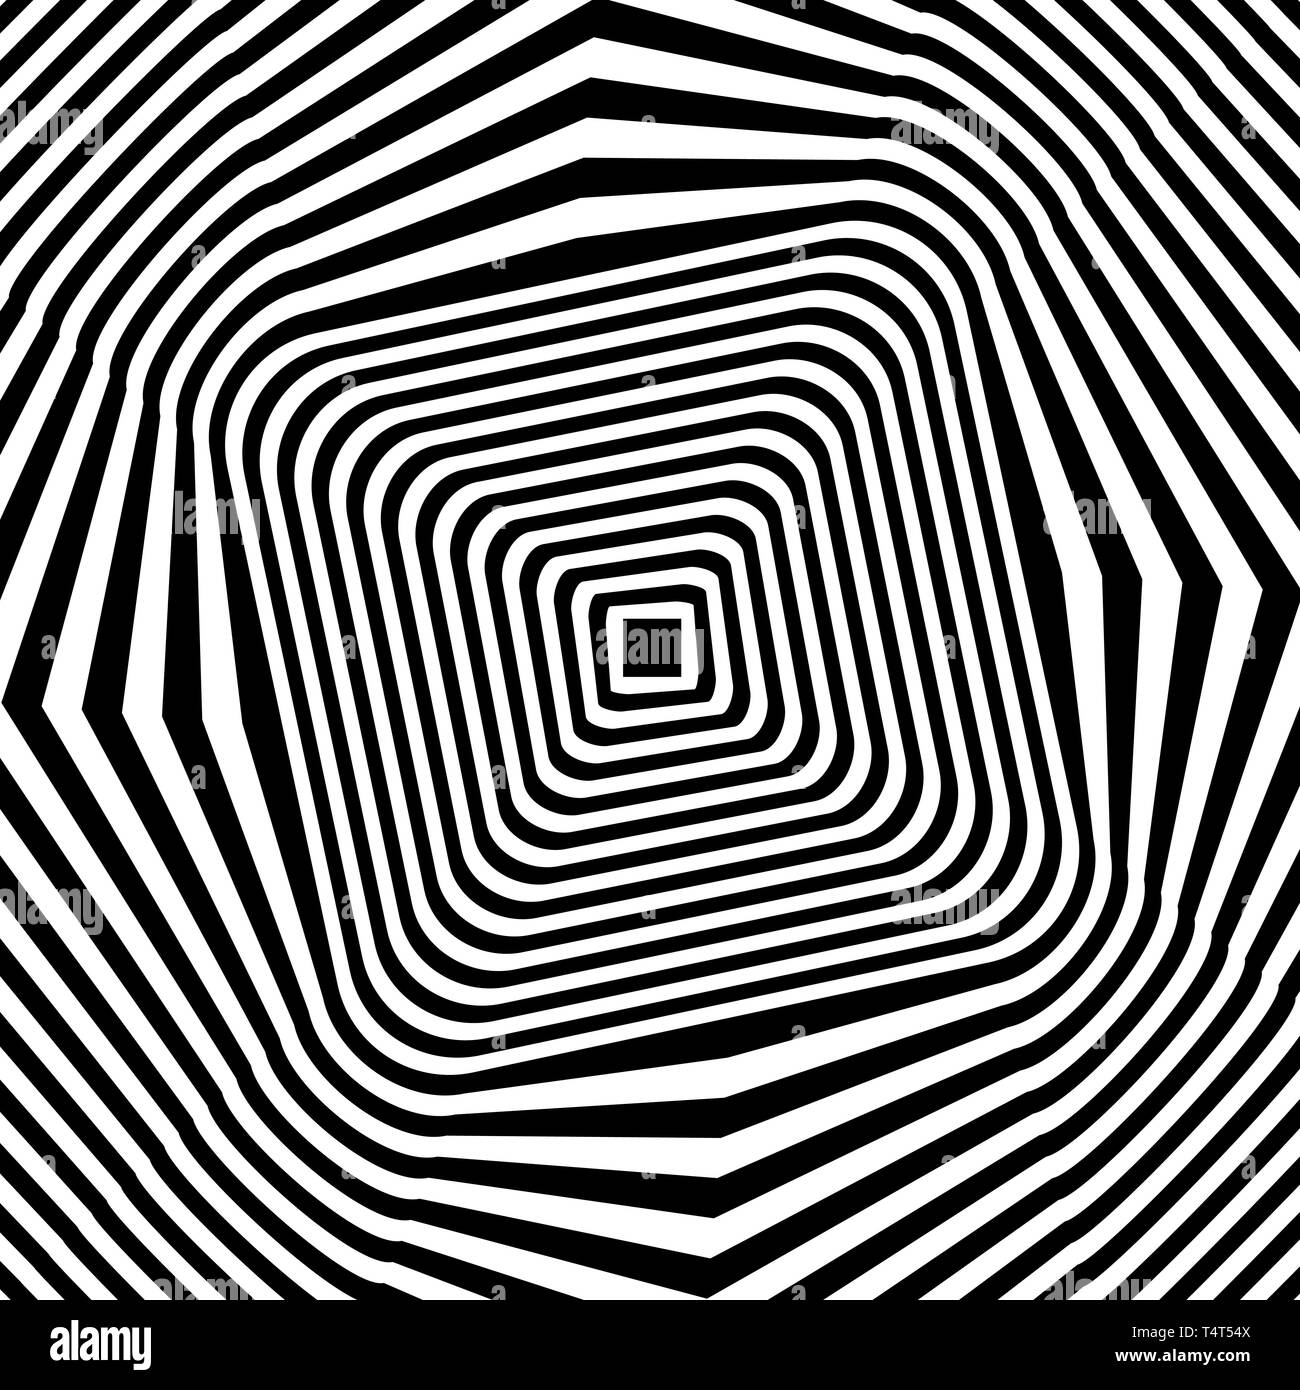 Las líneas negras y blancas ilusión óptica. Ilustración vectorial Imagen De Stock